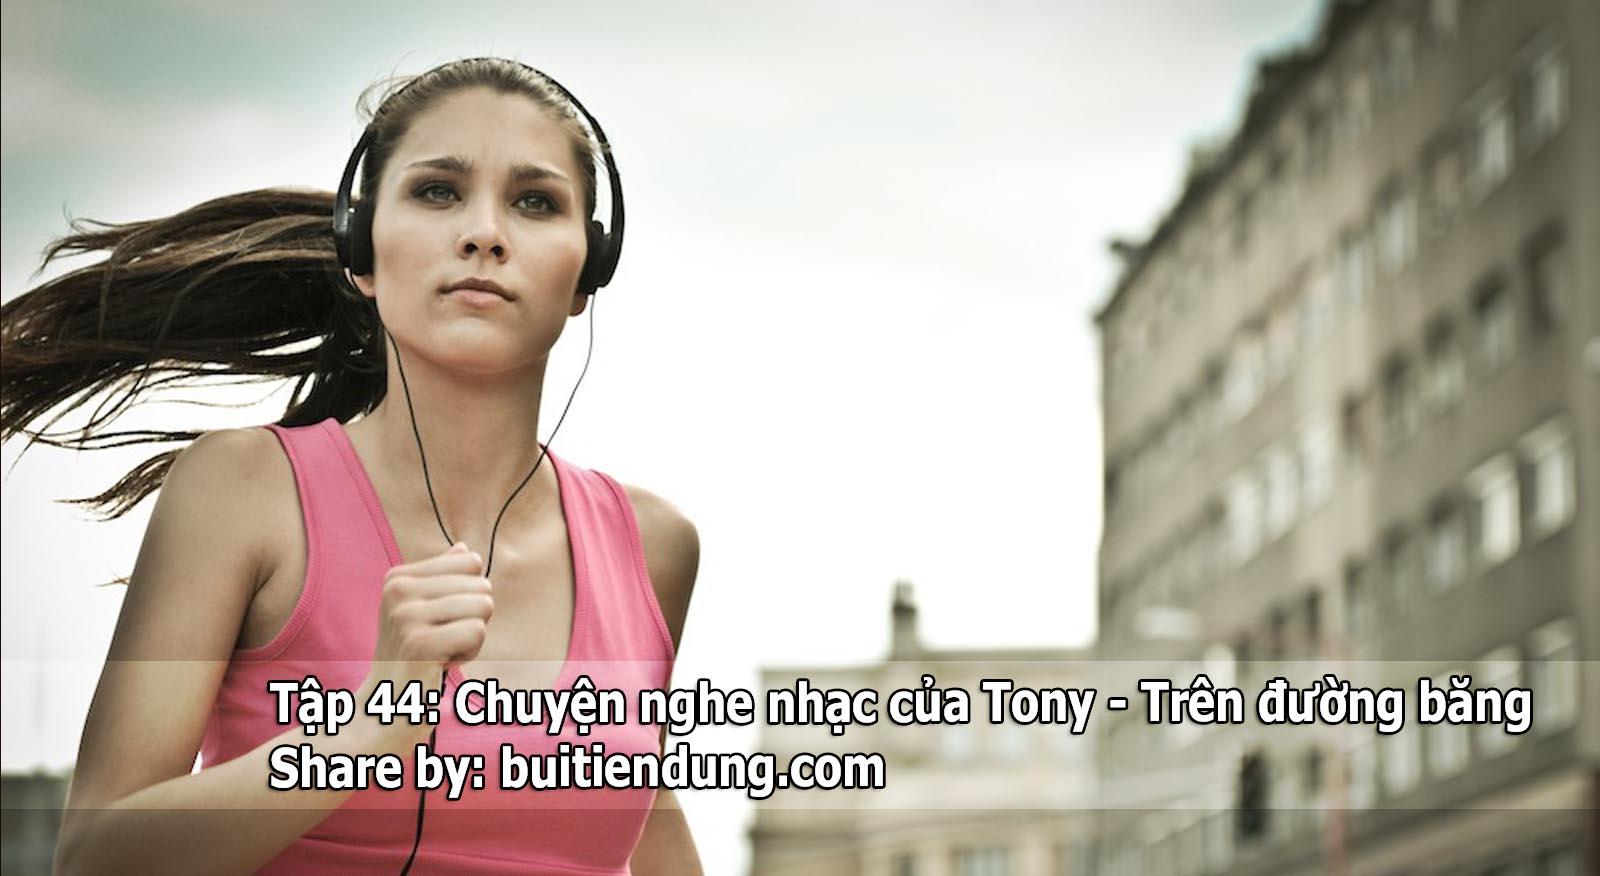 tap-44-chuyen-tony-nghe-nhac-tren-duong-bang-tony-buoi-sang